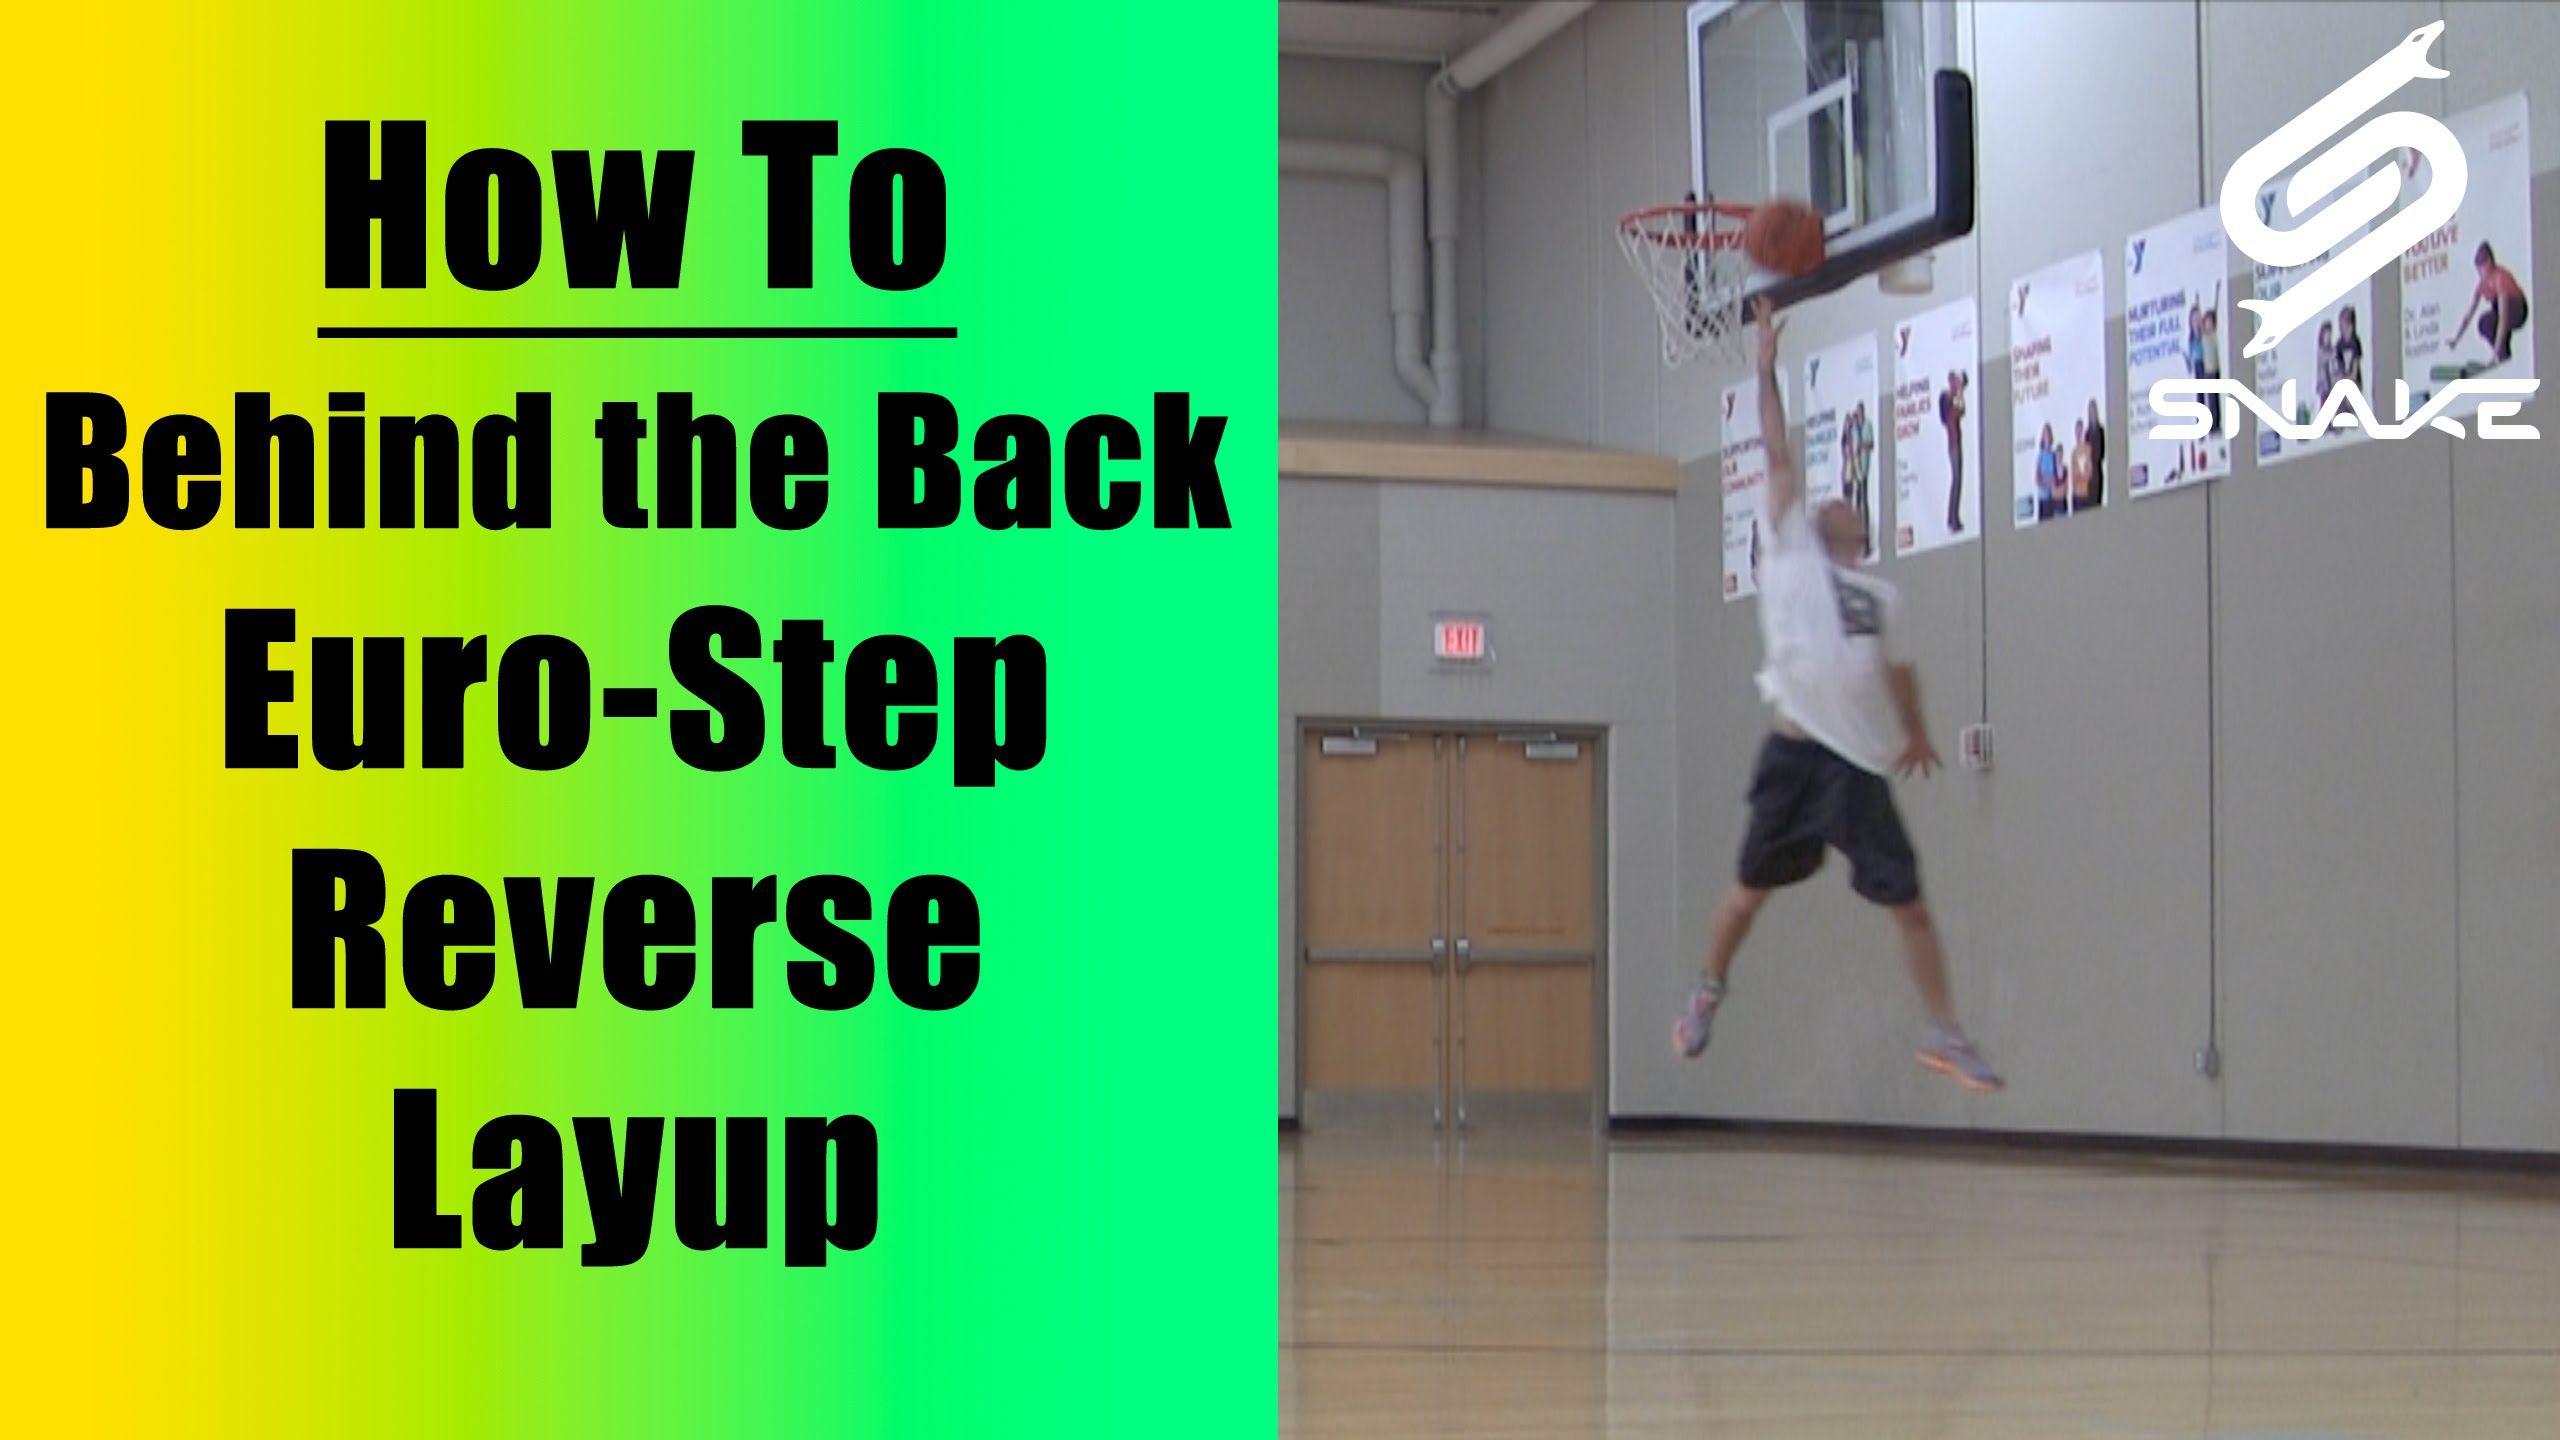 Sick Behind The Back Eurostep Reverse Finish Basketball Layup